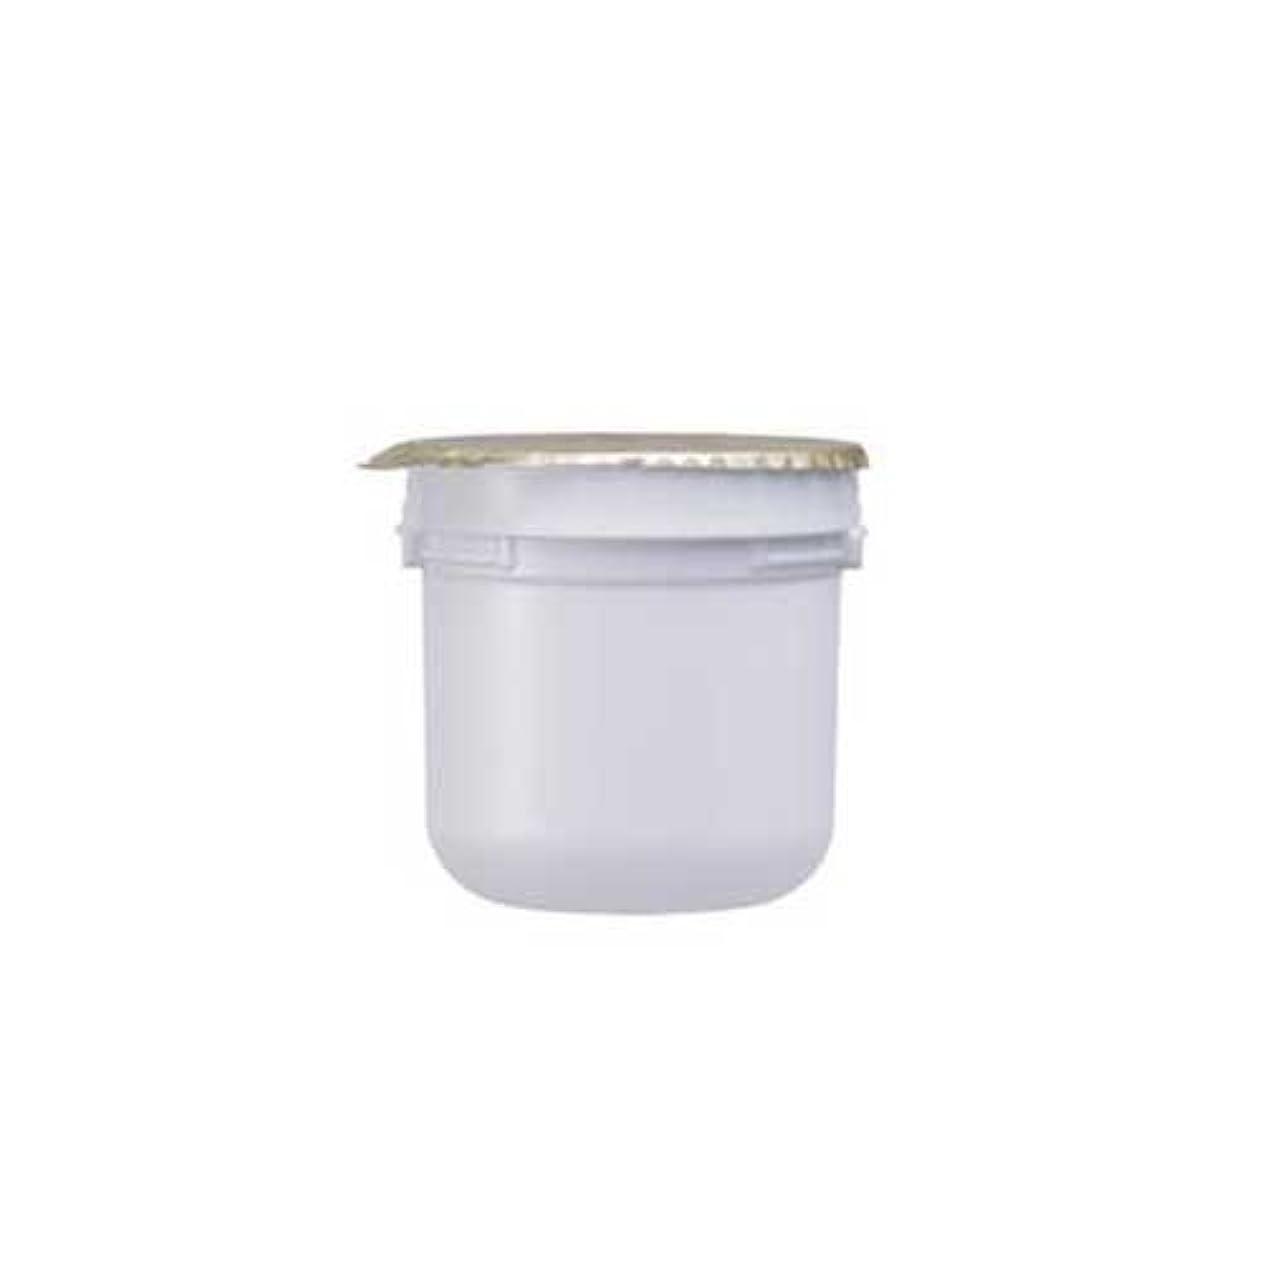 対調べる硫黄ASTALIFT(アスタリフト) ホワイト クリーム(美白クリーム)レフィル 30g